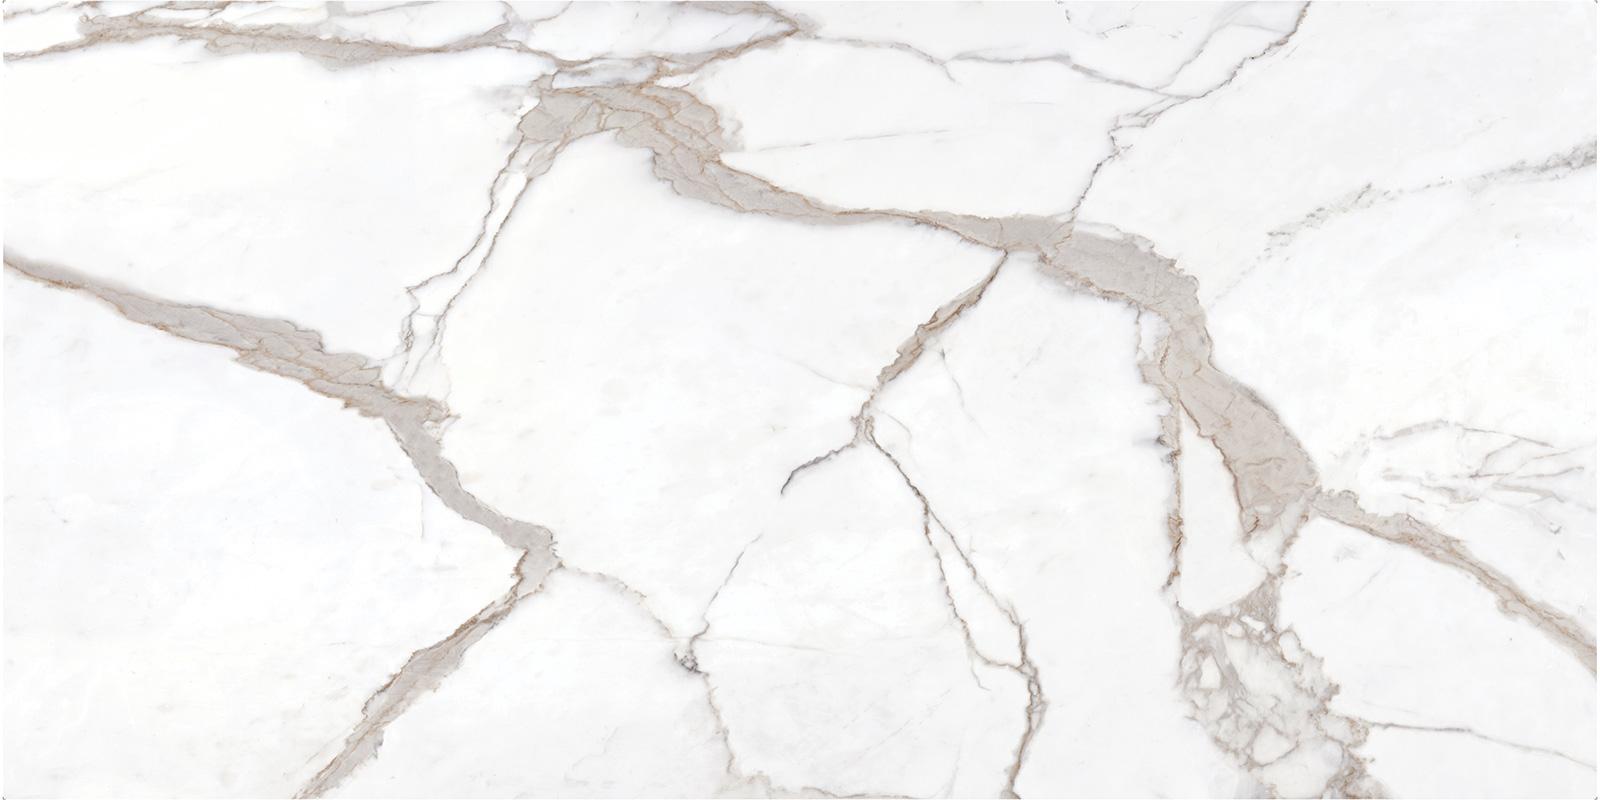 CALACATTA TOP Suministro California (Estados Unidos) de planchas pulidas en gres porcelánico resistente al calor CTP , Jumbo size